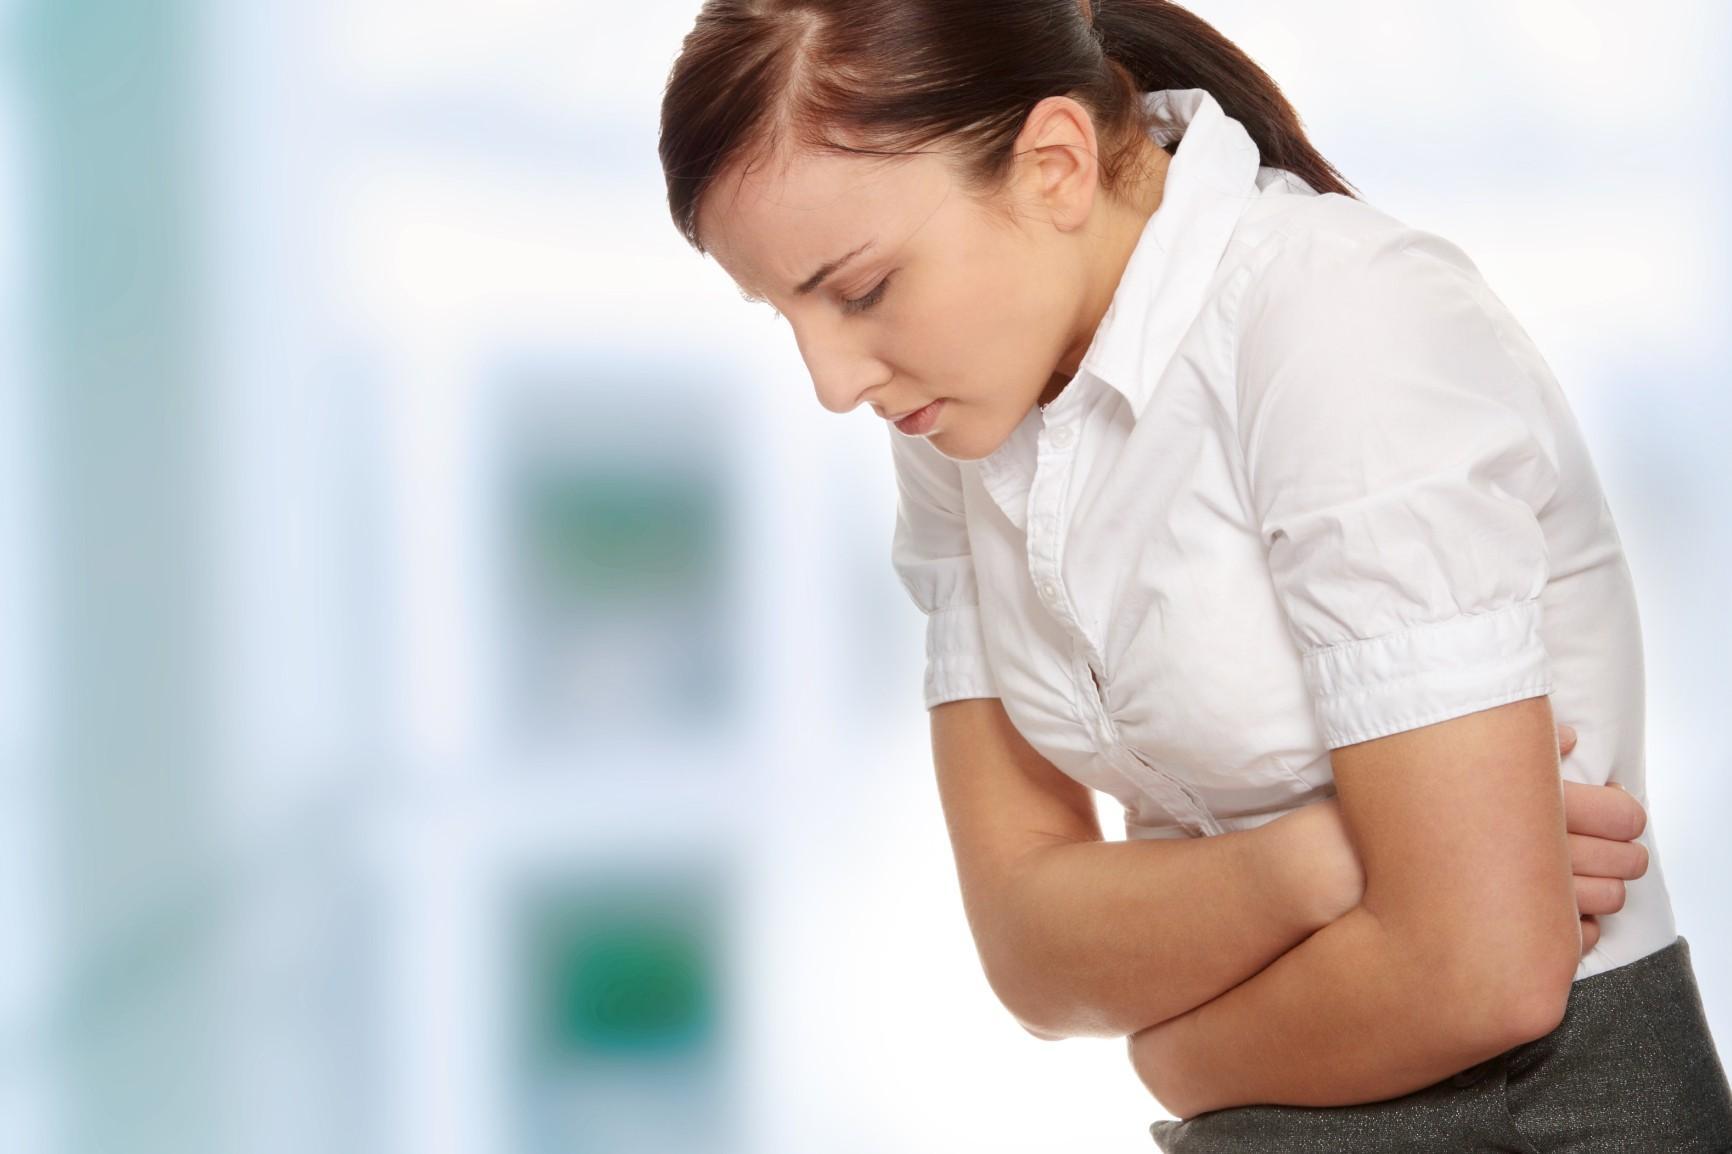 rimedi-naturali-contro-il-reflusso-gastroesofageo